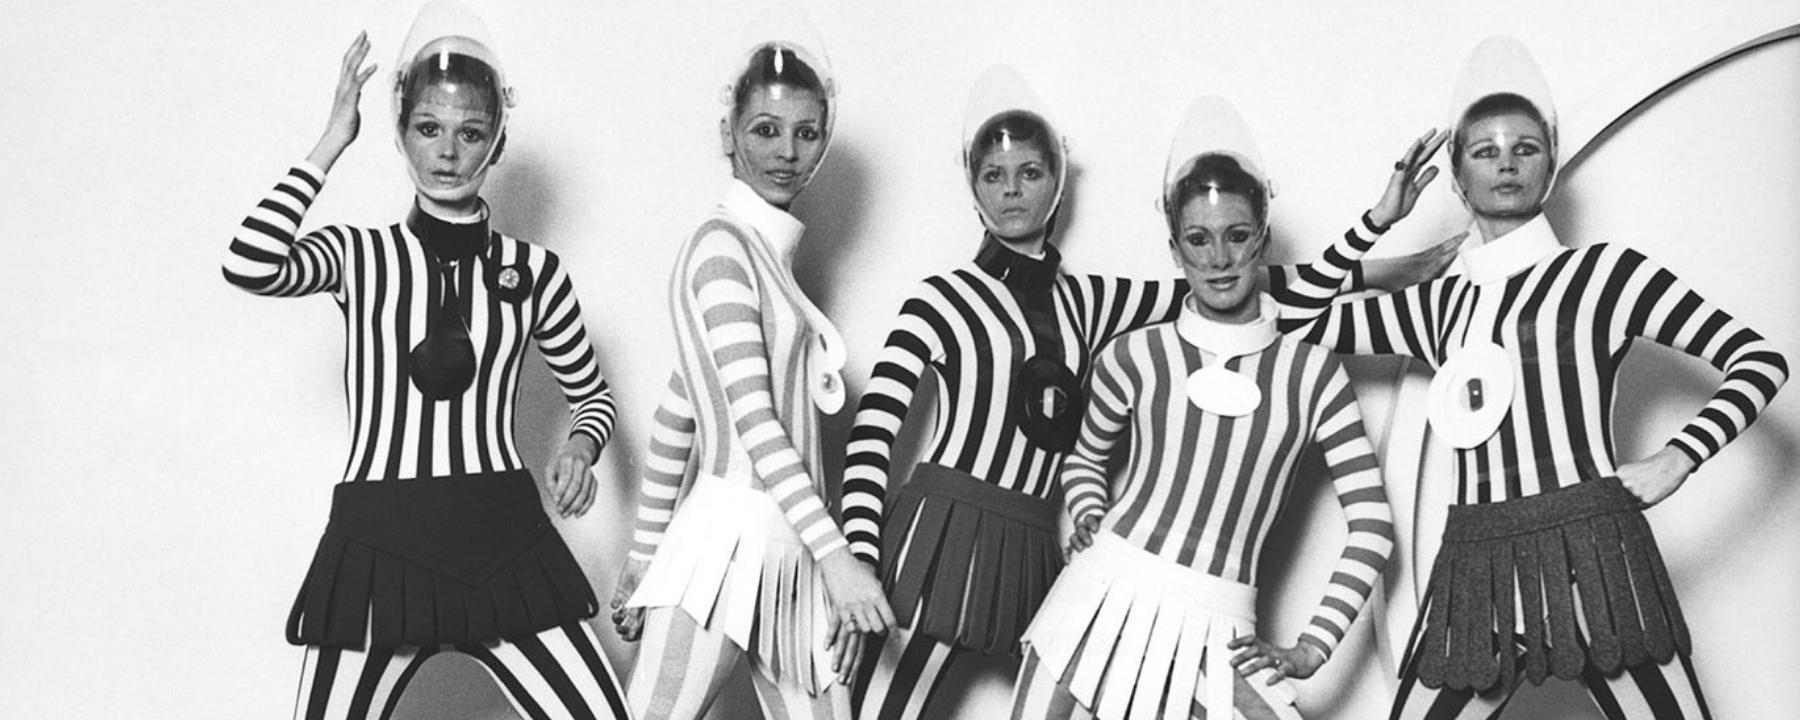 Moda como fenómeno cultural